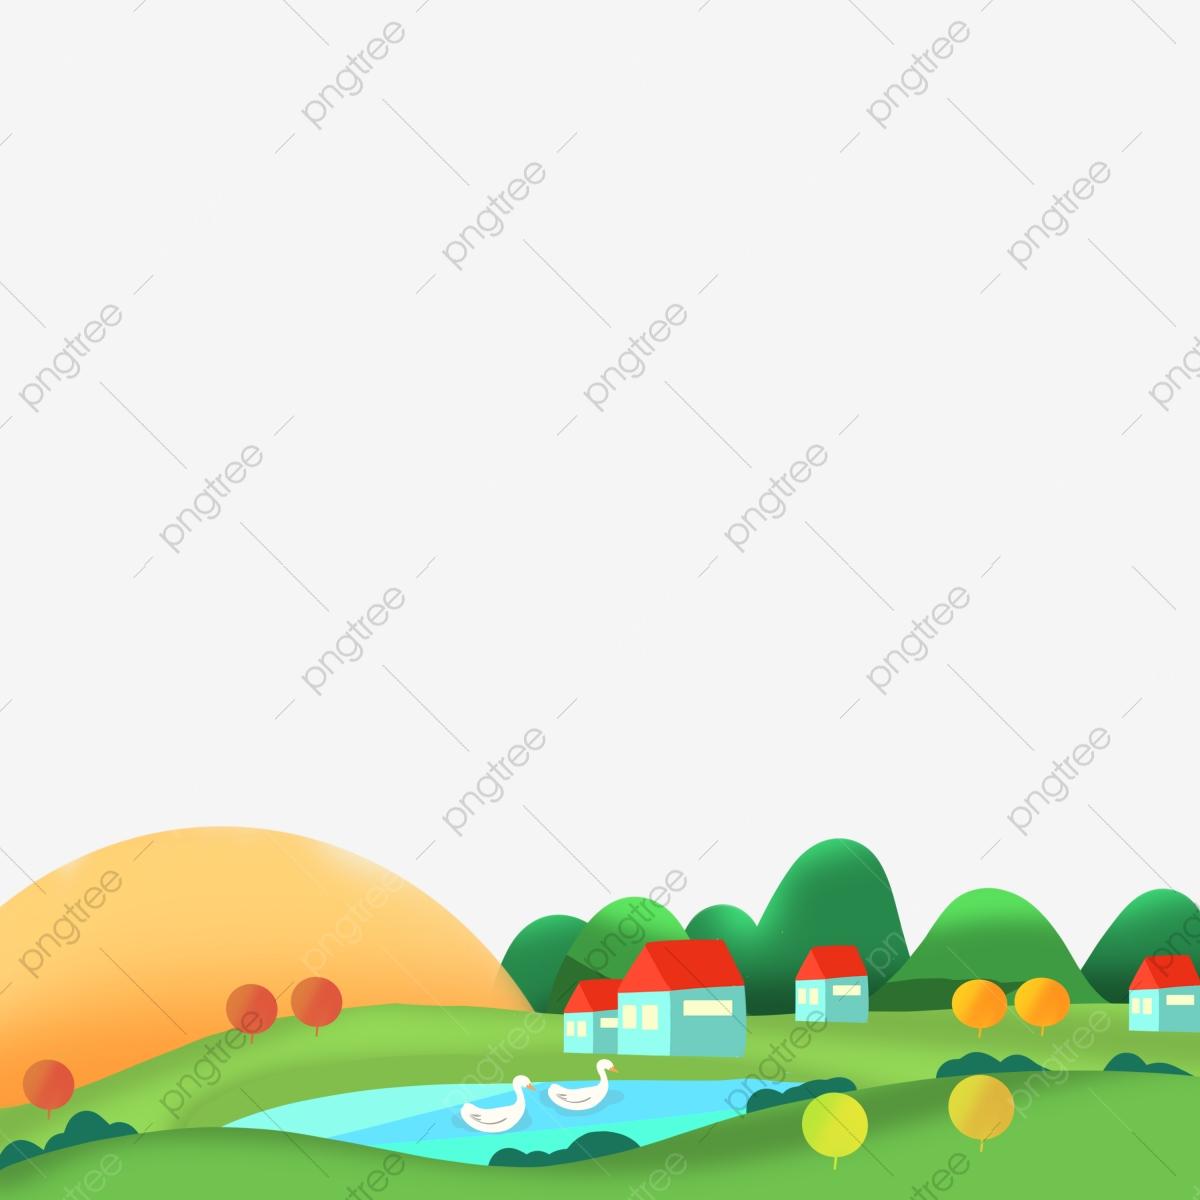 Village landscape green poster. Lake clipart spring pond